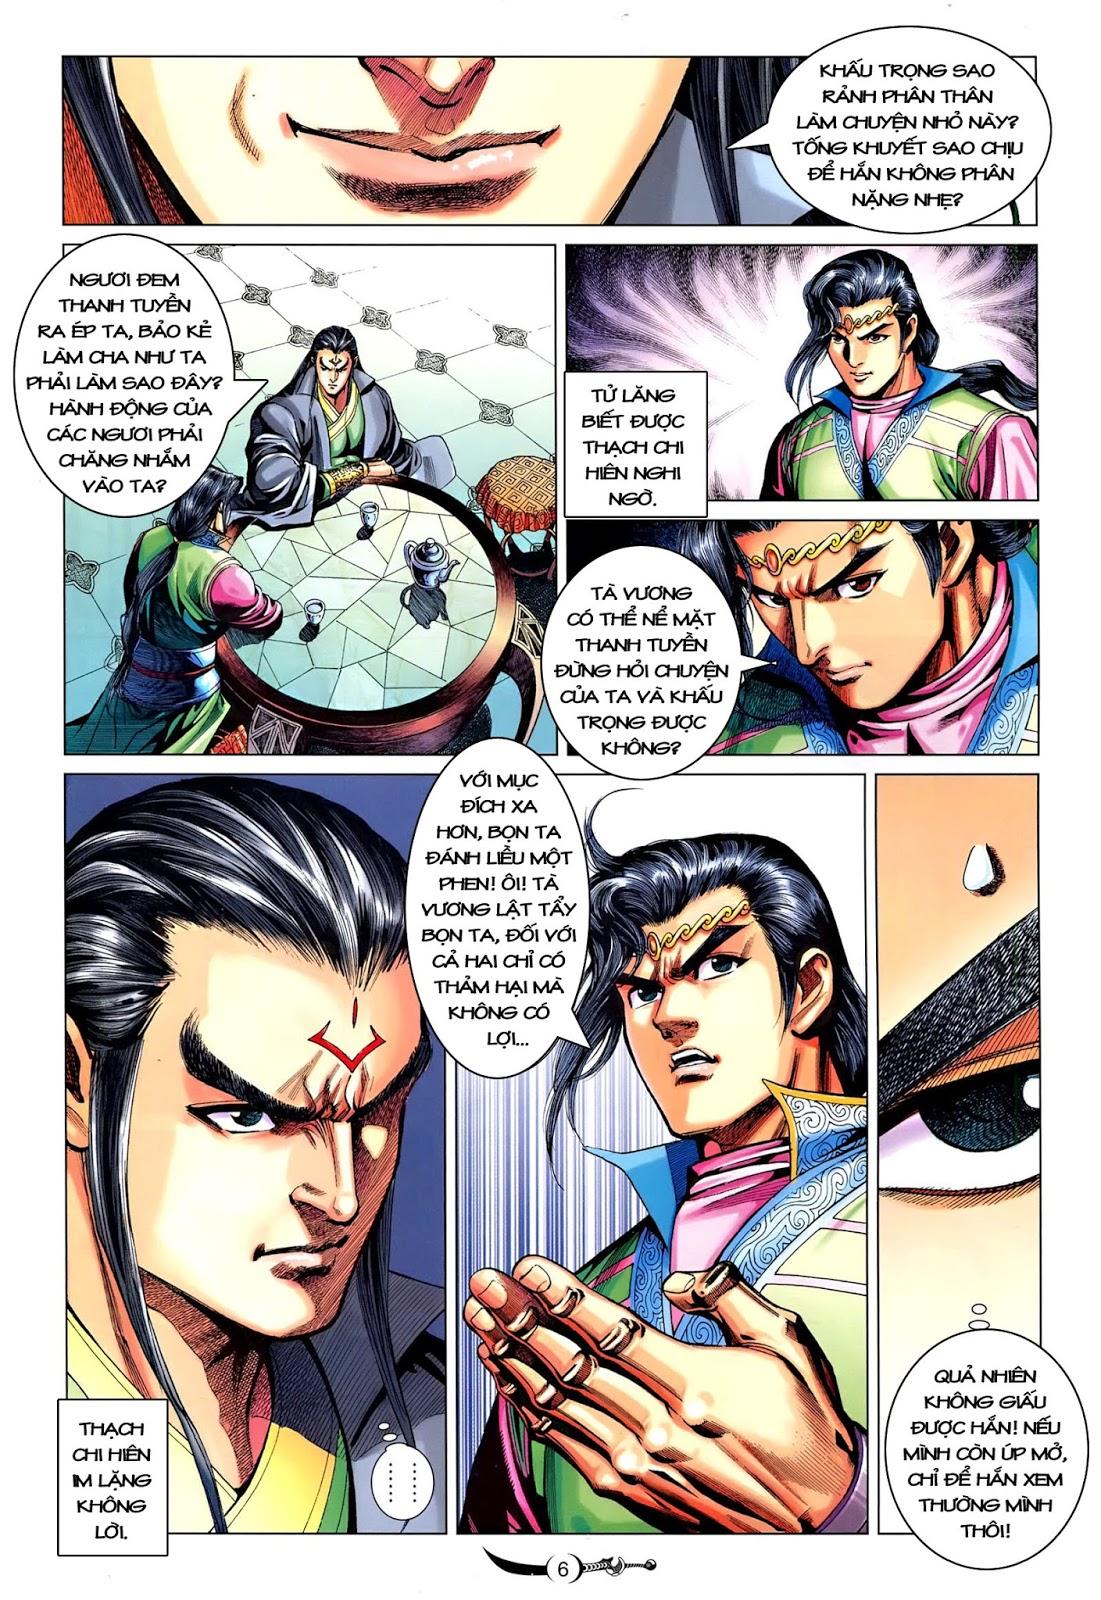 Đại Đường Song Long Truyện chap 216 - Trang 8